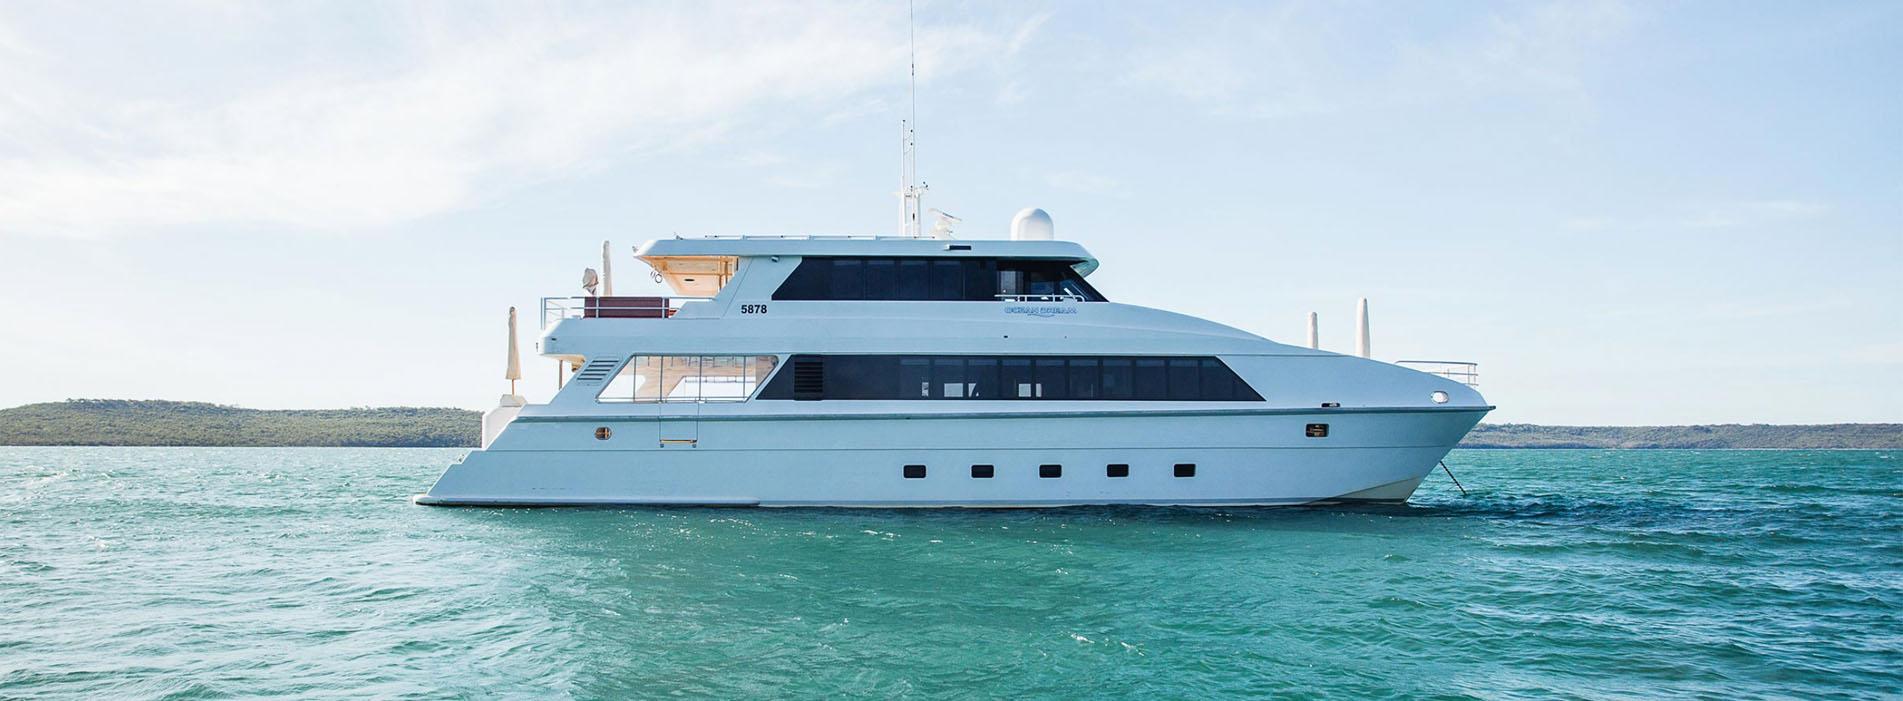 OCEAN DREAM side profile on water charters WA